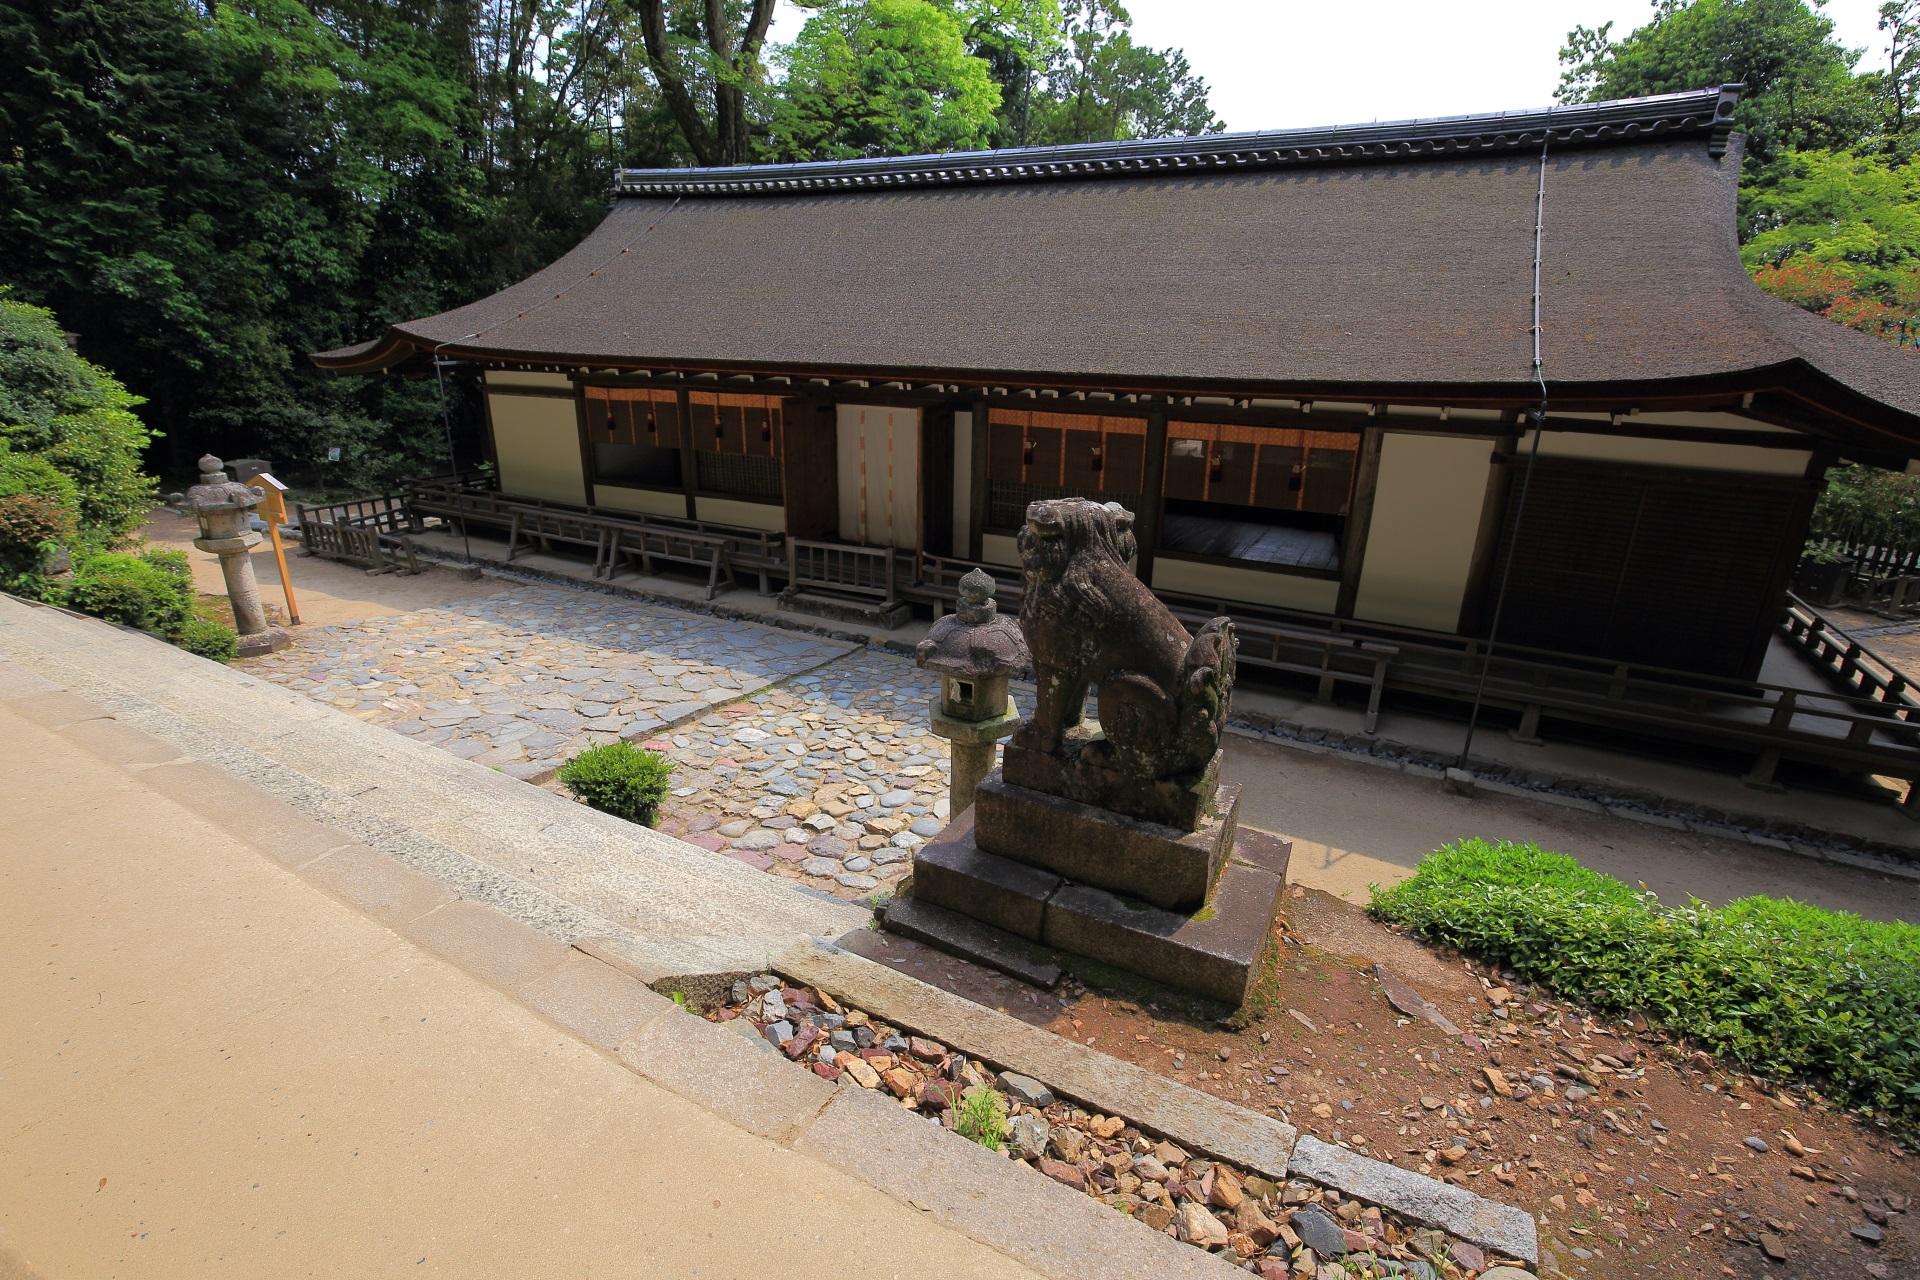 宇治上神社の国宝の拝殿